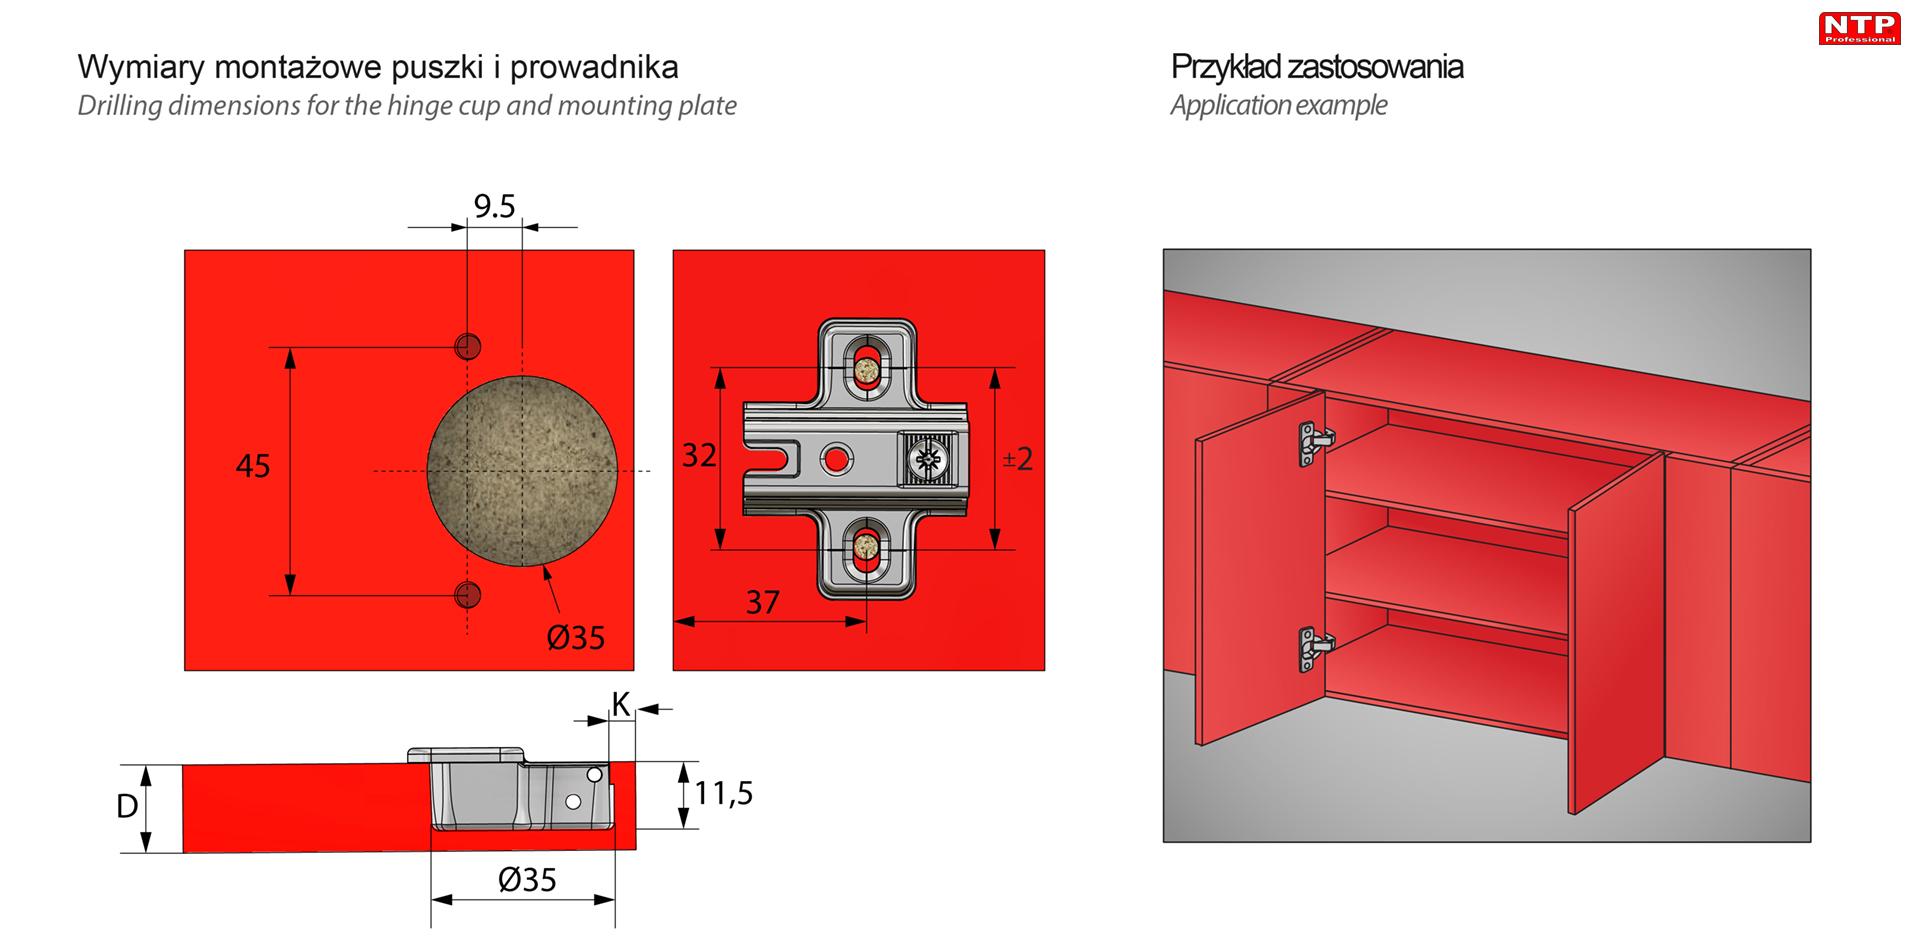 ZP29-H6E Przykład zastosowania